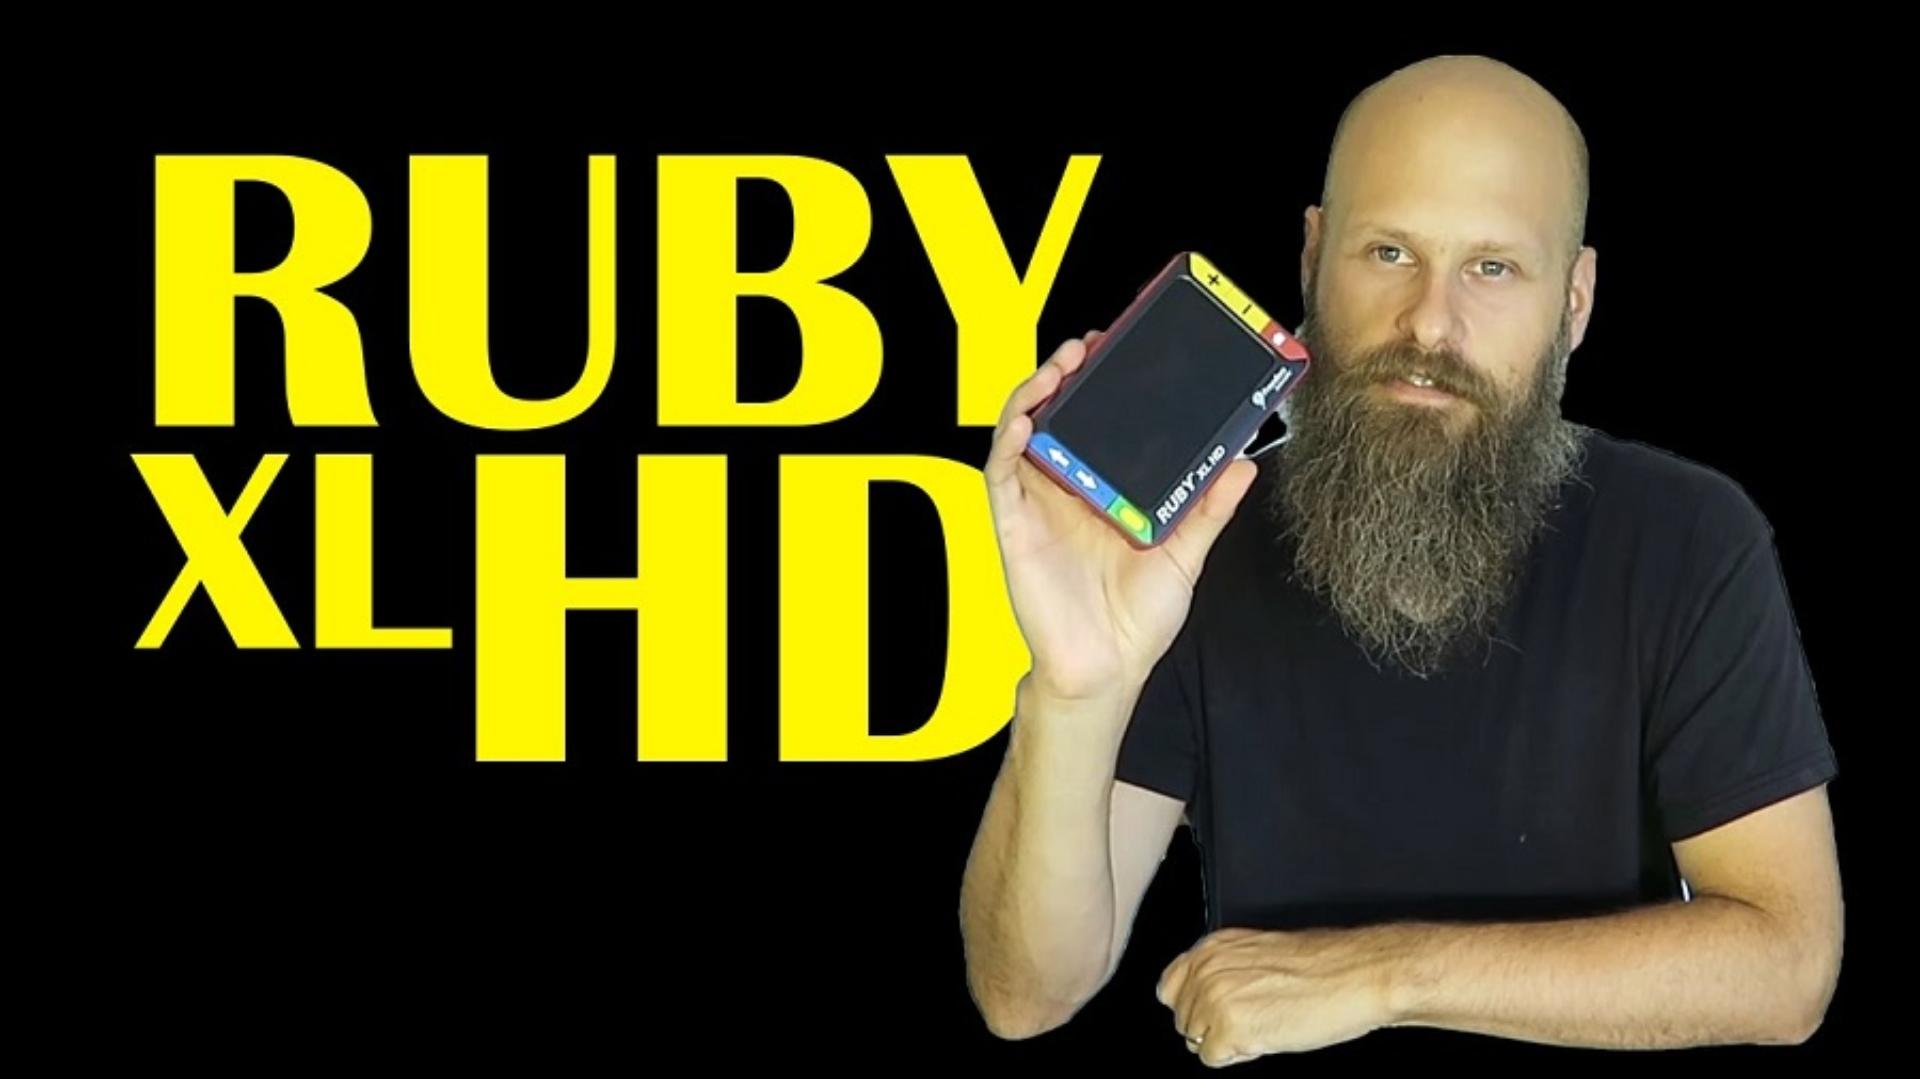 Sam trying the Ruby XL HD